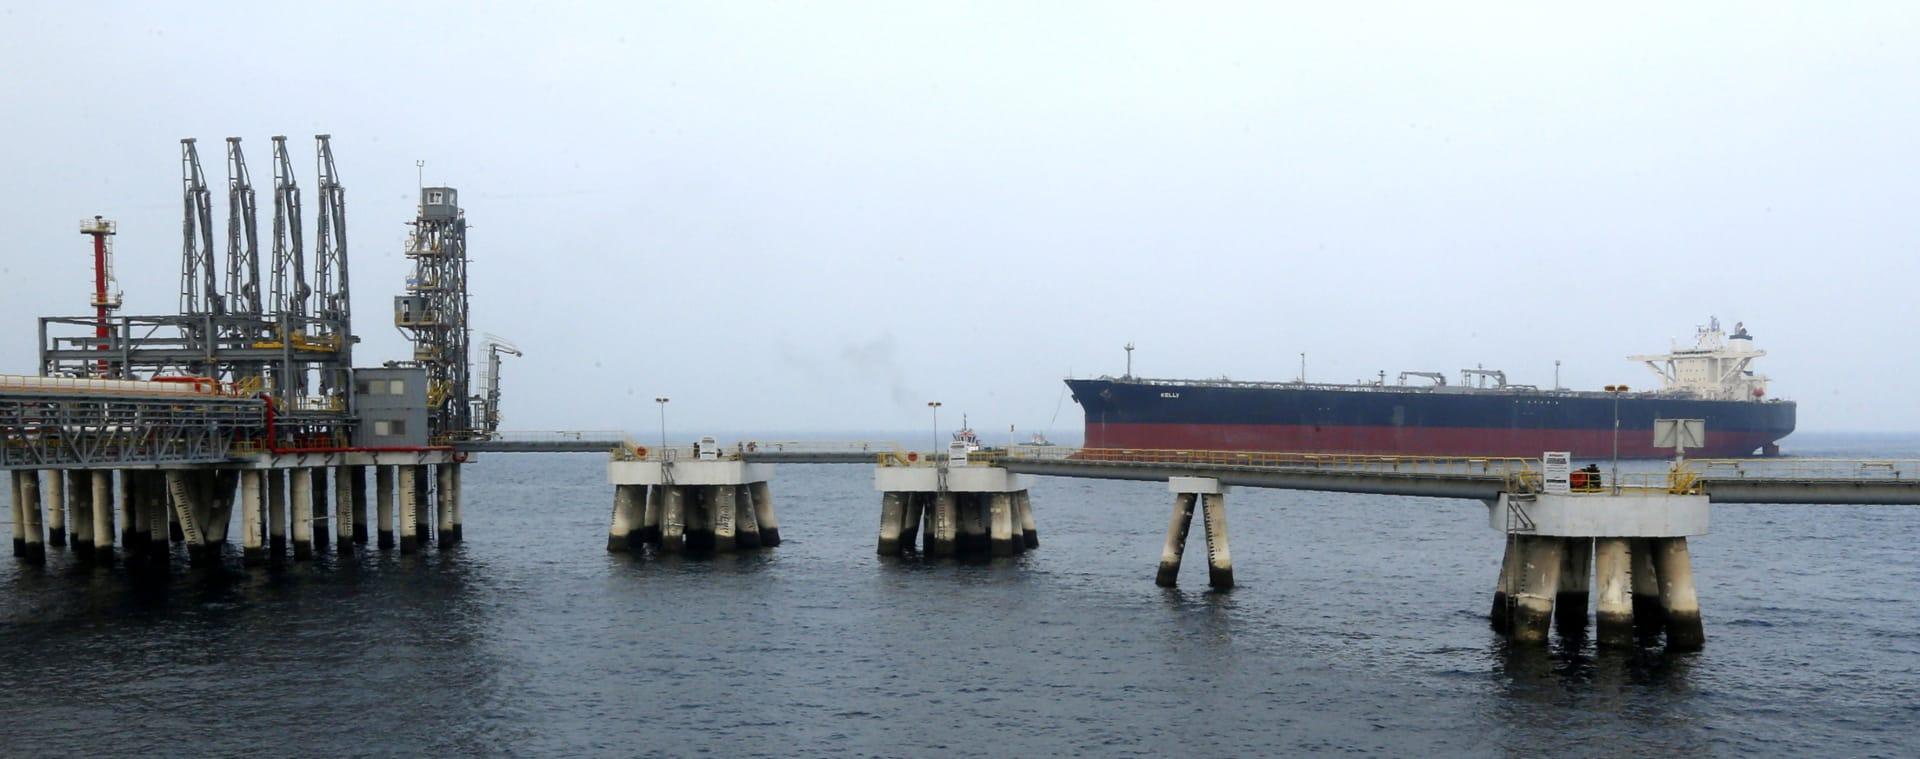 وزير الطاقة السعودي: سفينتان سعوديتان تعرضتا للتخريب في الفجيرة الأحد